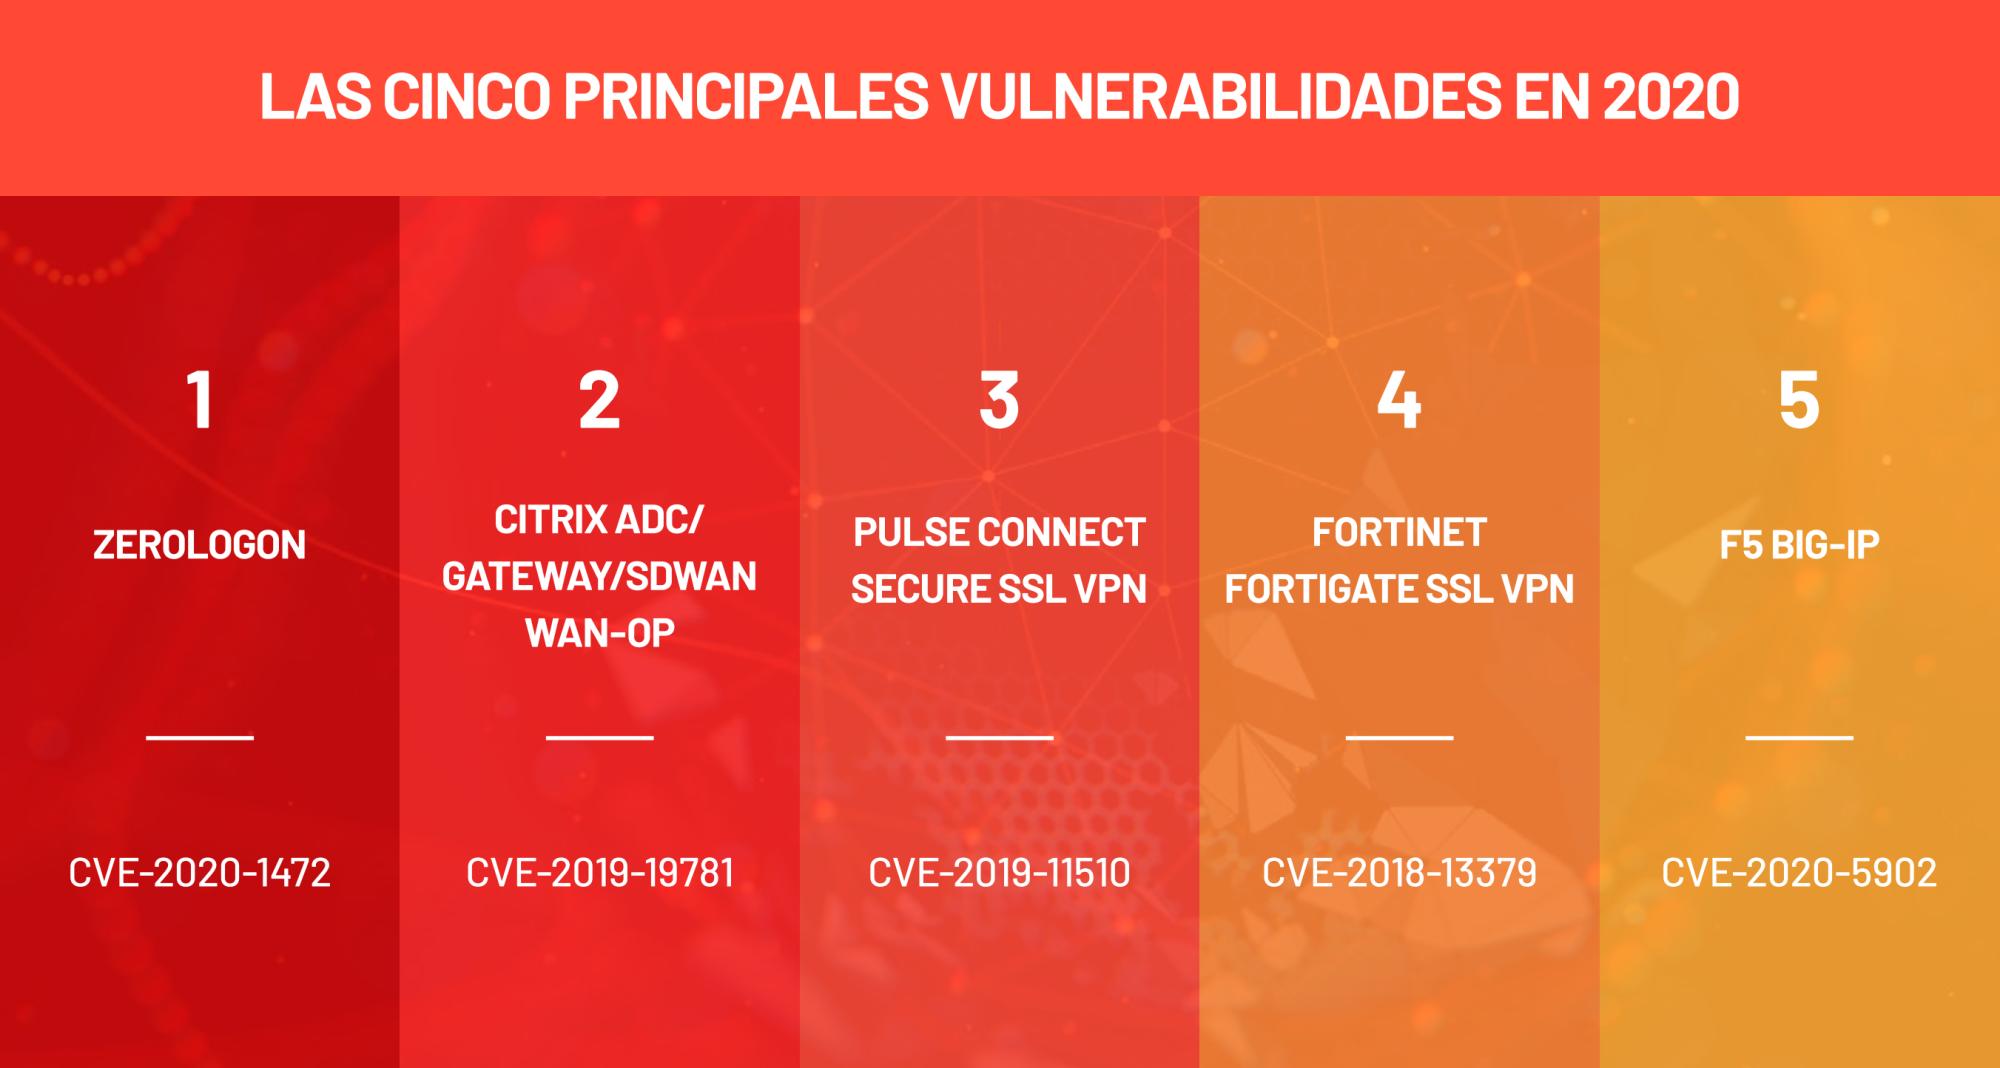 Las principales cinco vulnerabilidades de 2020